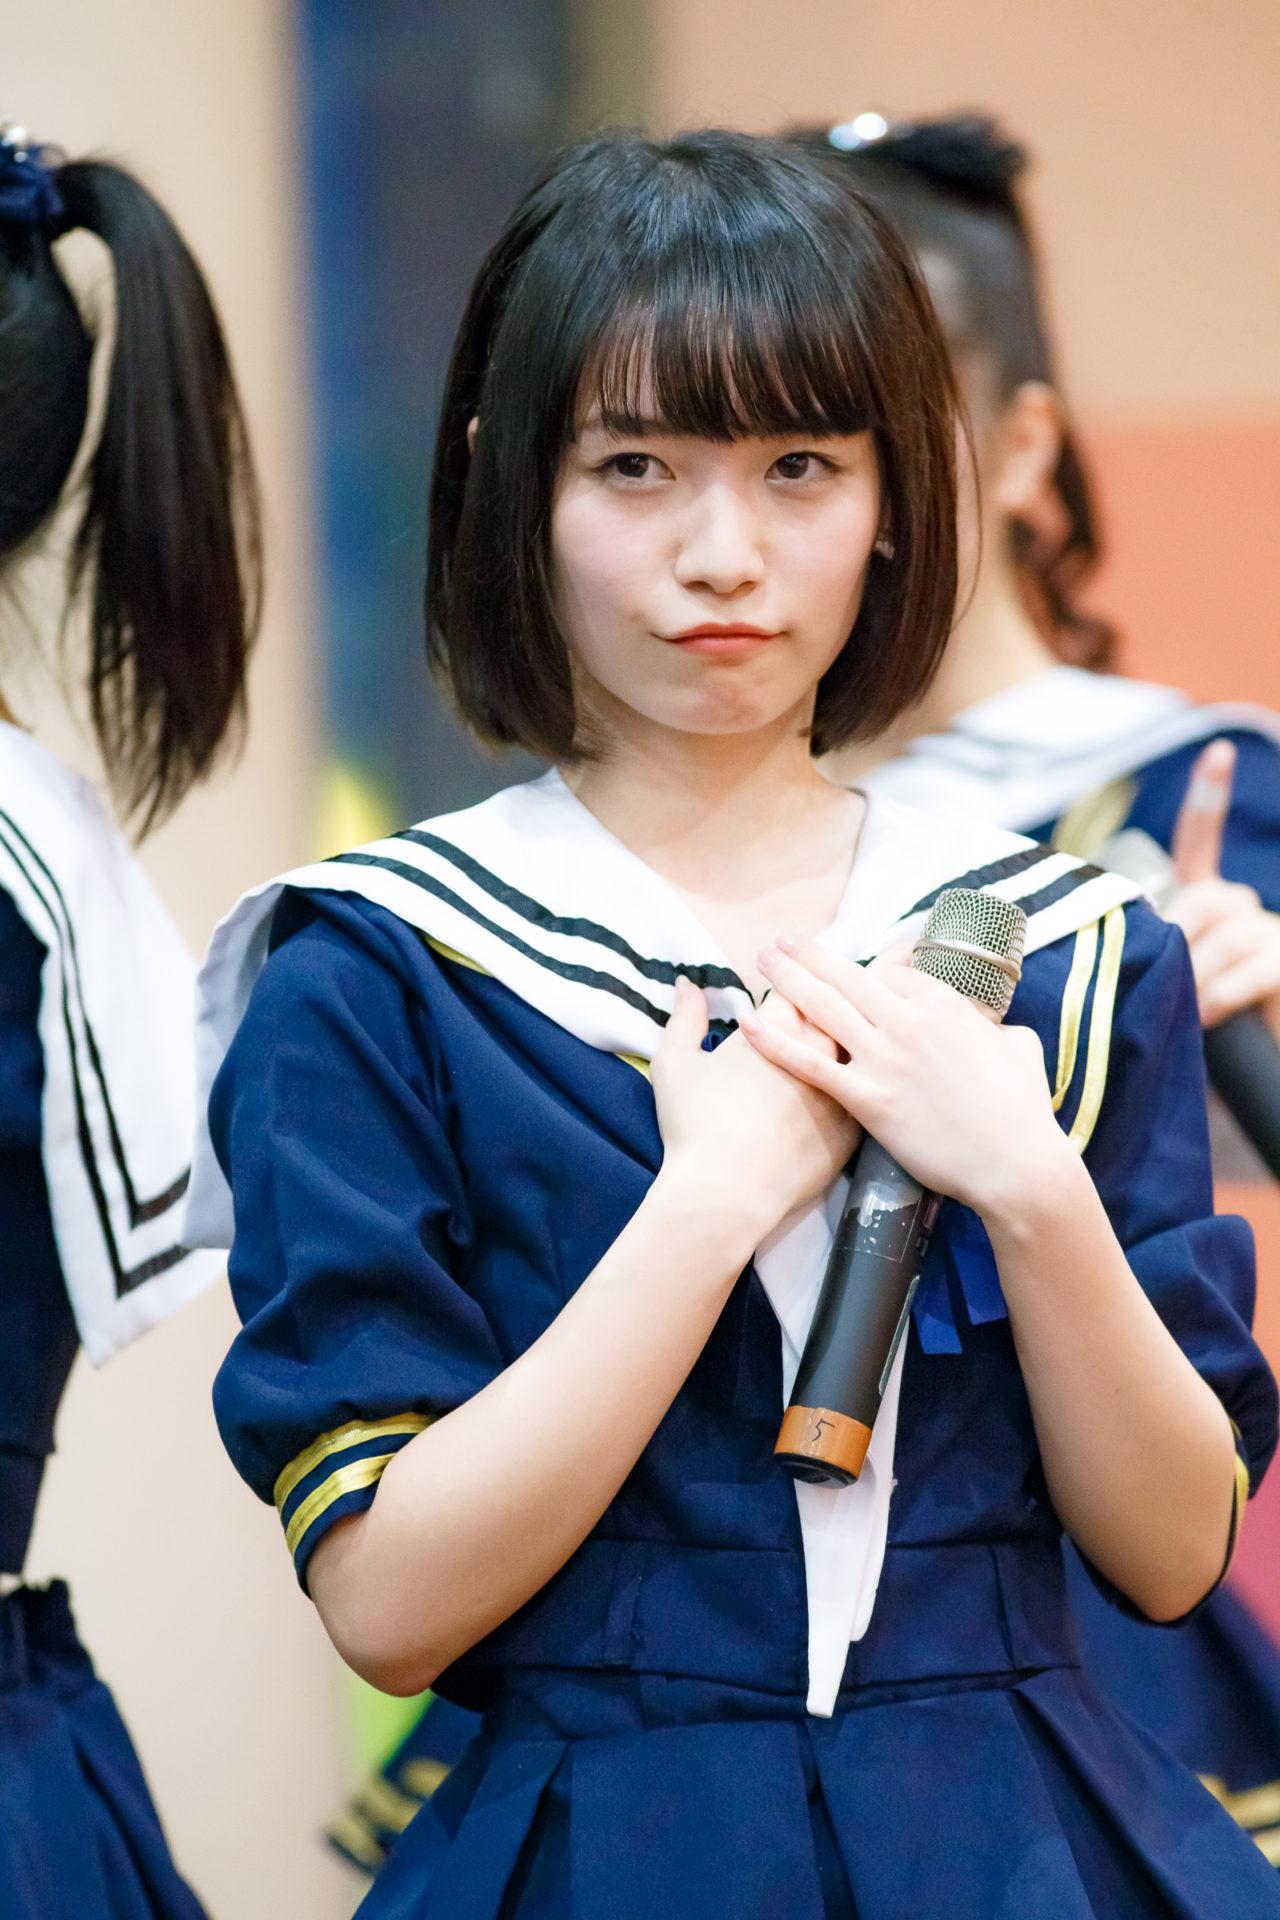 2代目HAPPY少女♪ みっちょ ( 本田みく ) | ディノスパーク×ライブプロ マンスリーLIVE vol.2